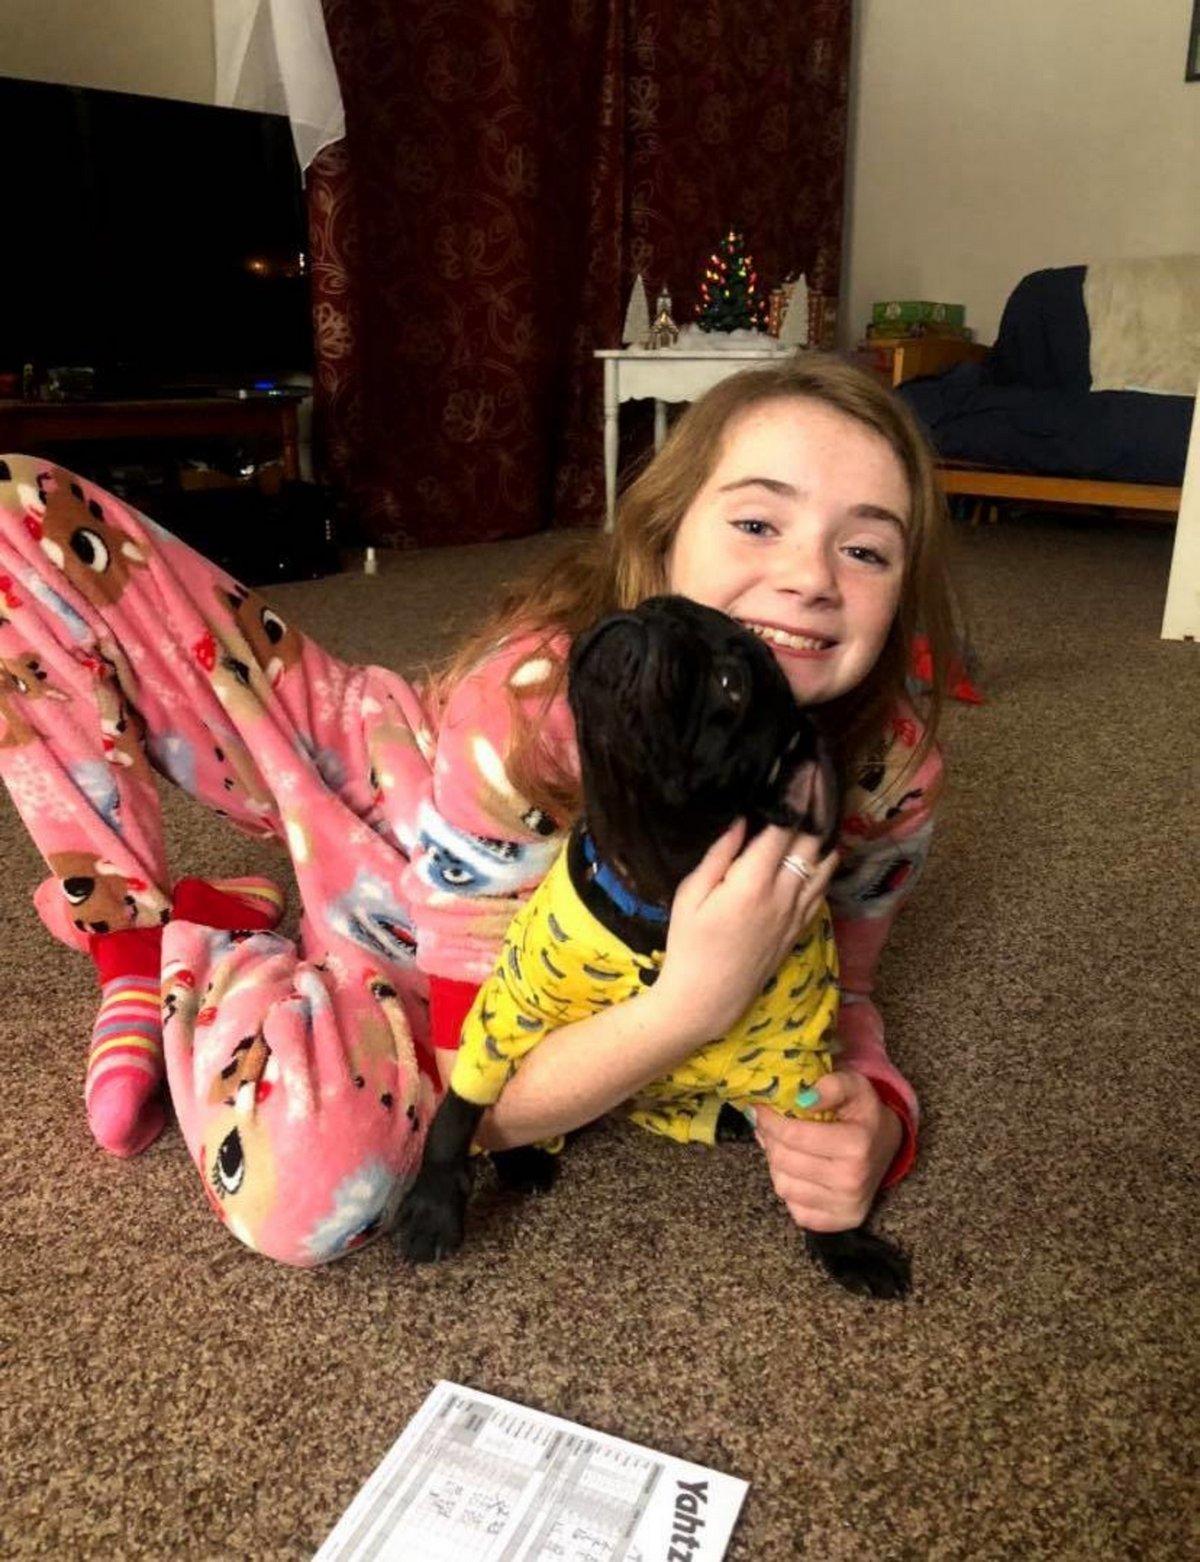 Une famille fait une surprise à son garçon à l'école et le réunit avec sa chienne perdue